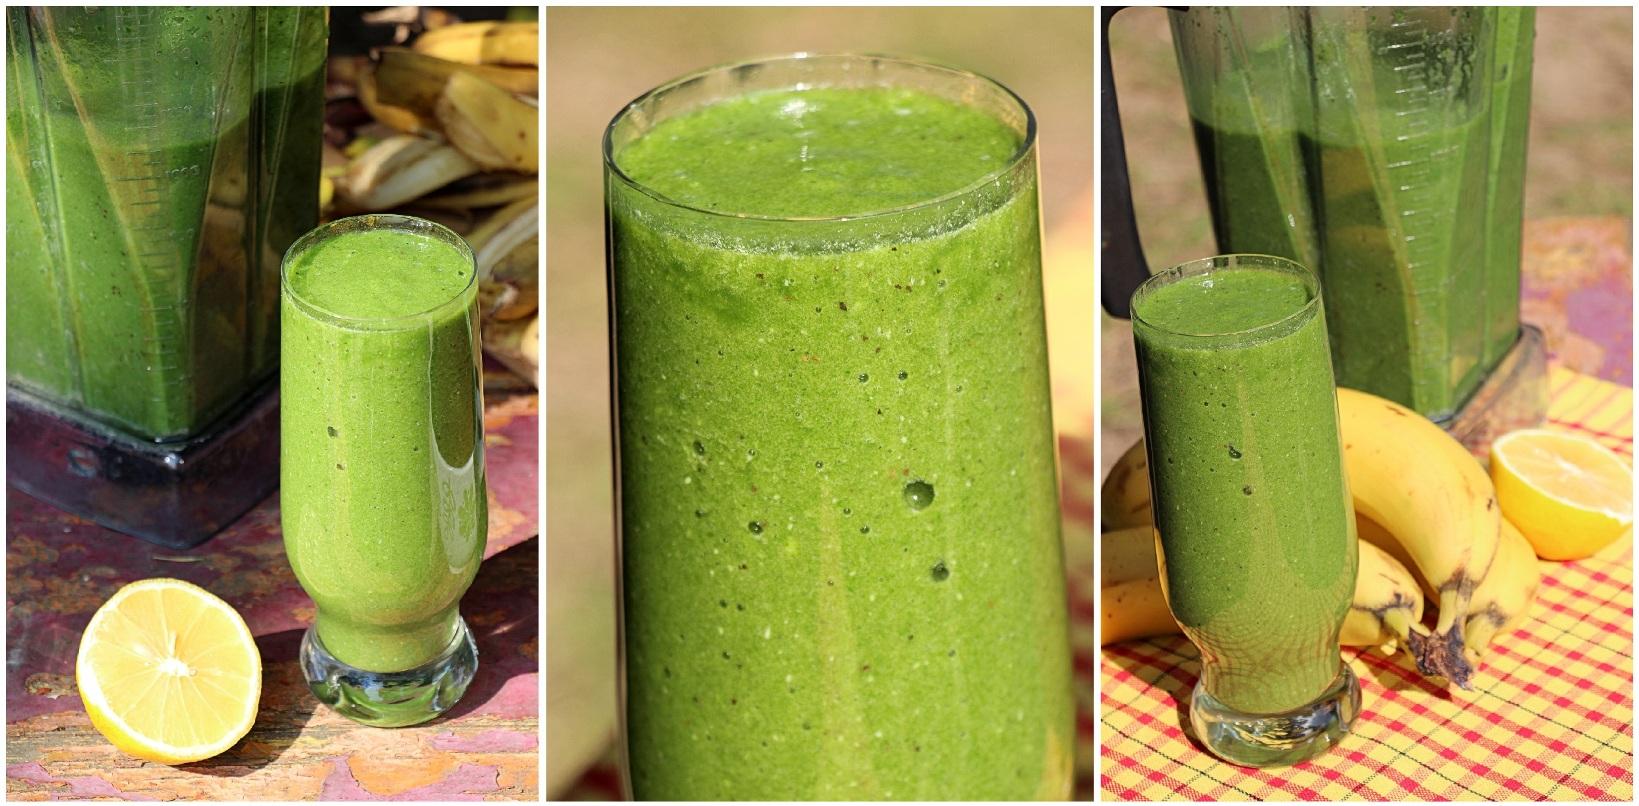 Výsledný špenátový smoothie nukleárne zelenej krásnej farby